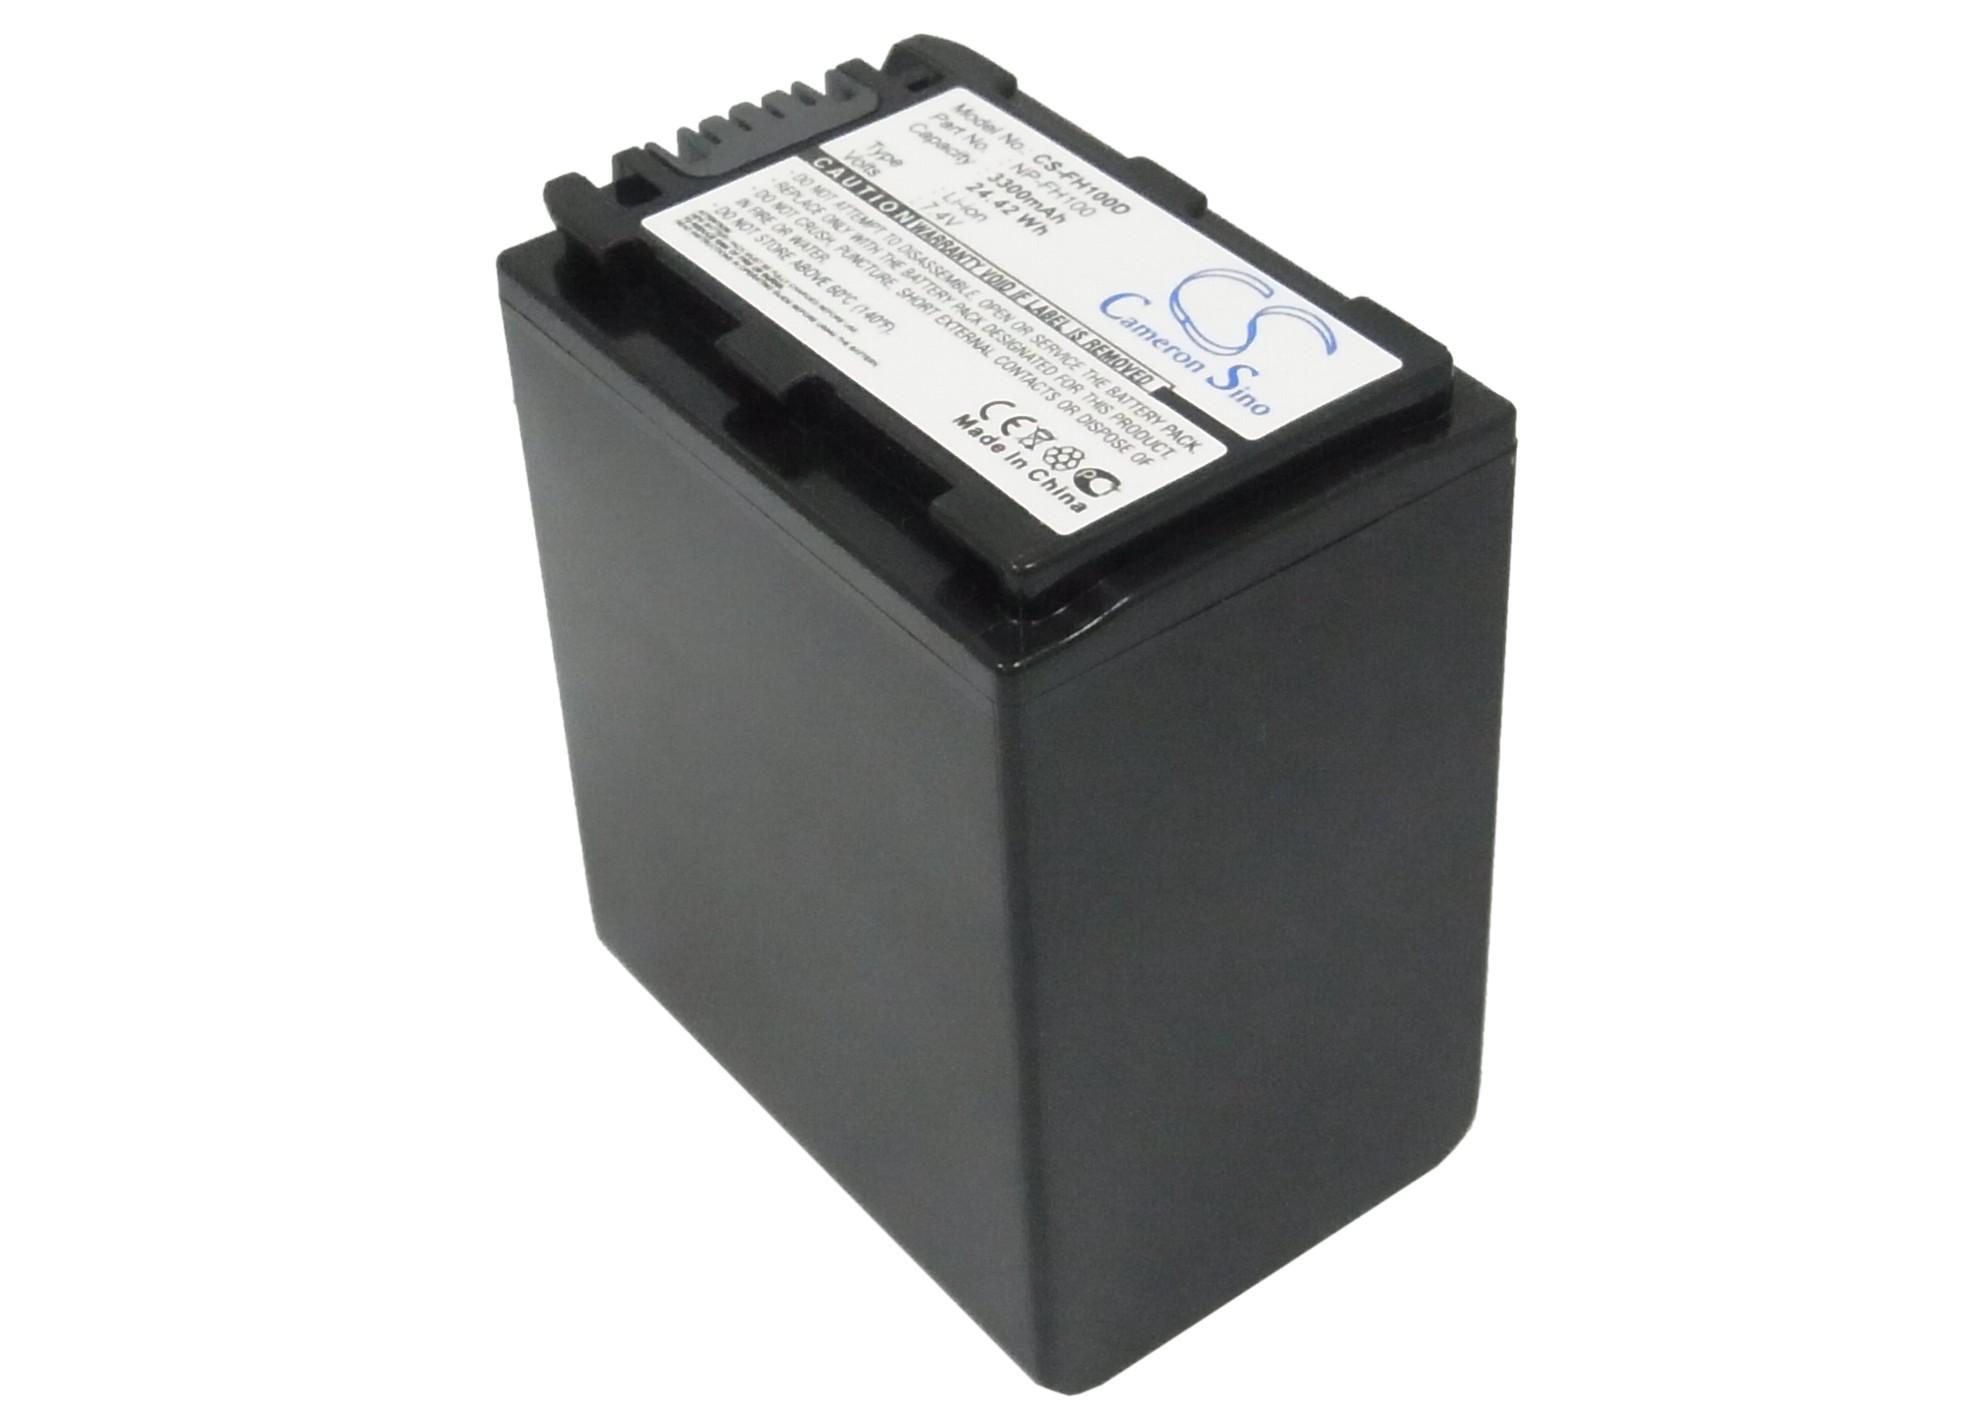 Cameron Sino baterie do kamer a fotoaparátů pro SONY HDR-UX20/E 7.4V Li-ion 3300mAh tmavě šedá - neoriginální